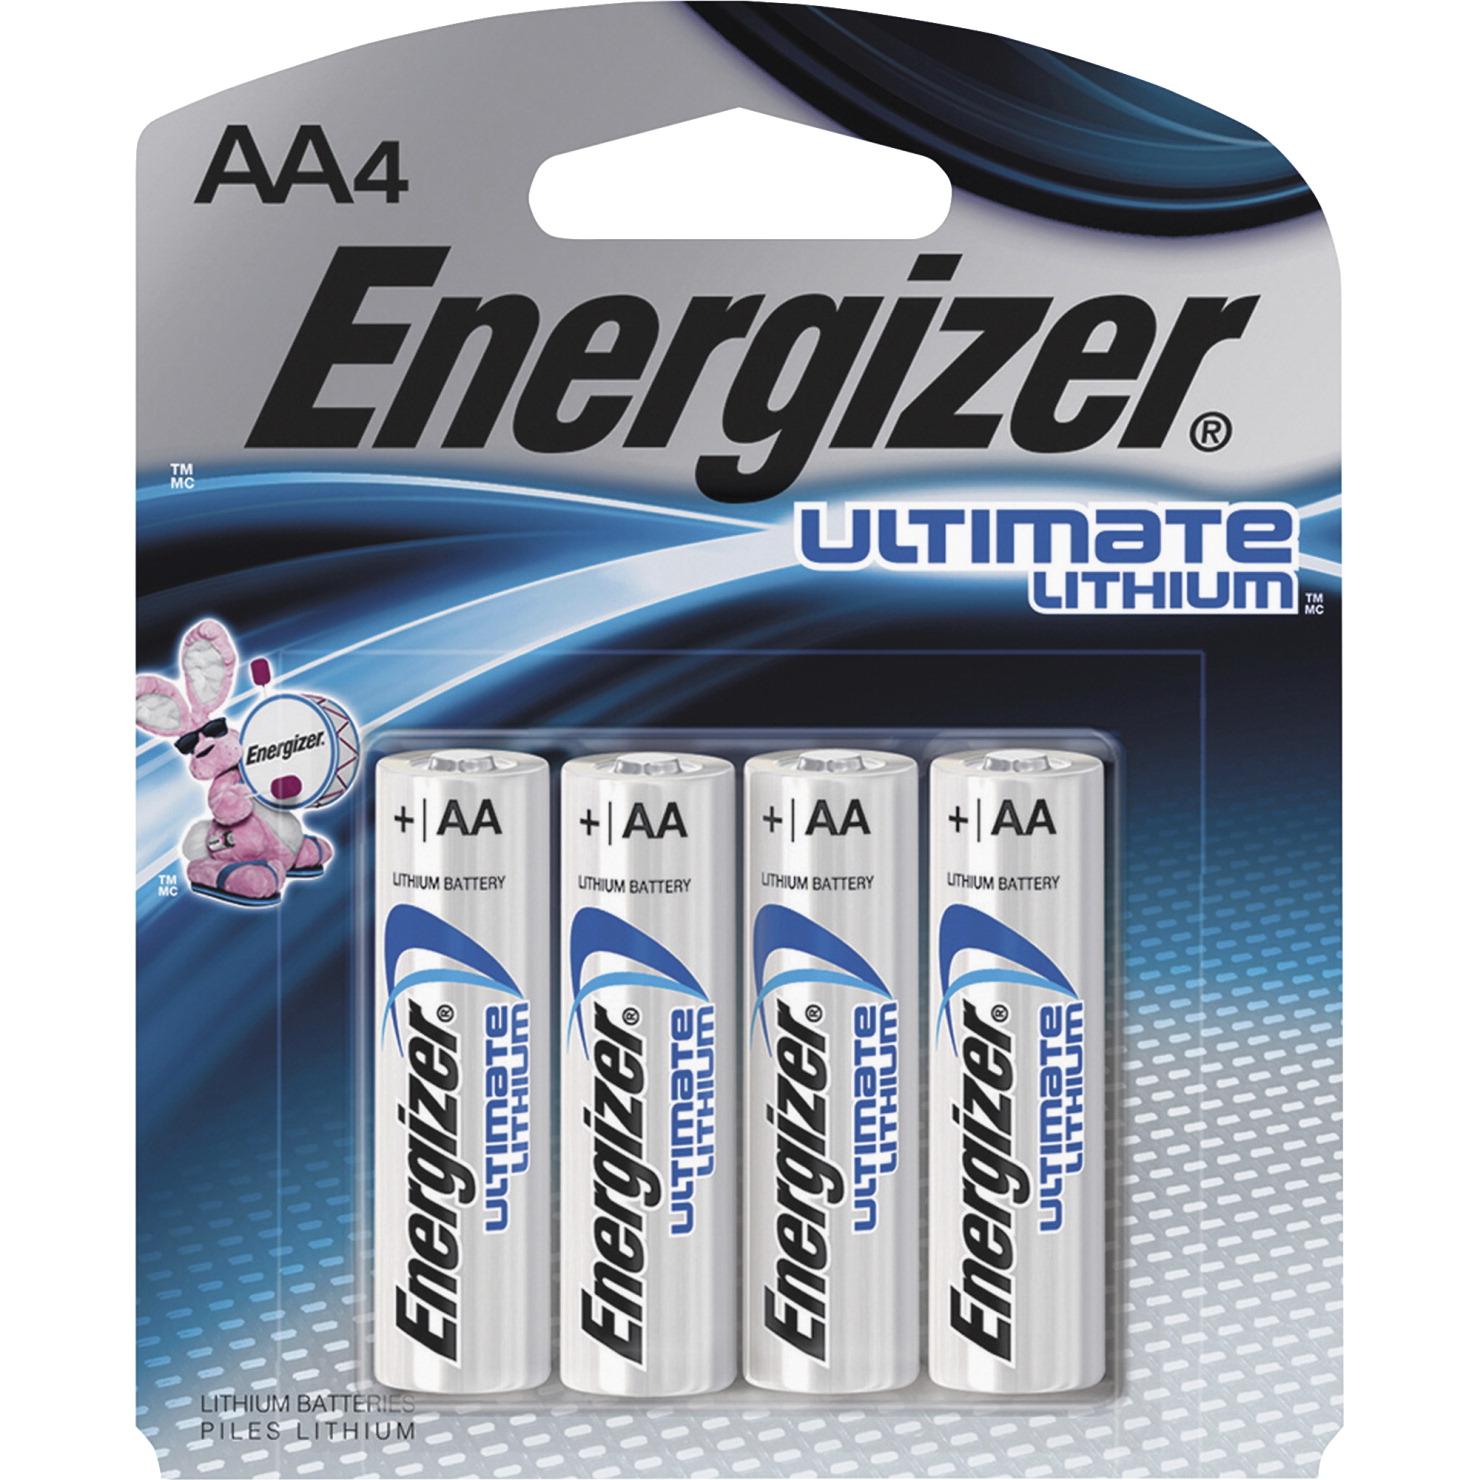 koop online hoogwaardige sportkleding groothandel Energizer Ultimate L91SBP, 4 General Purpose AA Batteries, 3000 mAh,  Lithium Iron Disulfide, 1.5 Volts